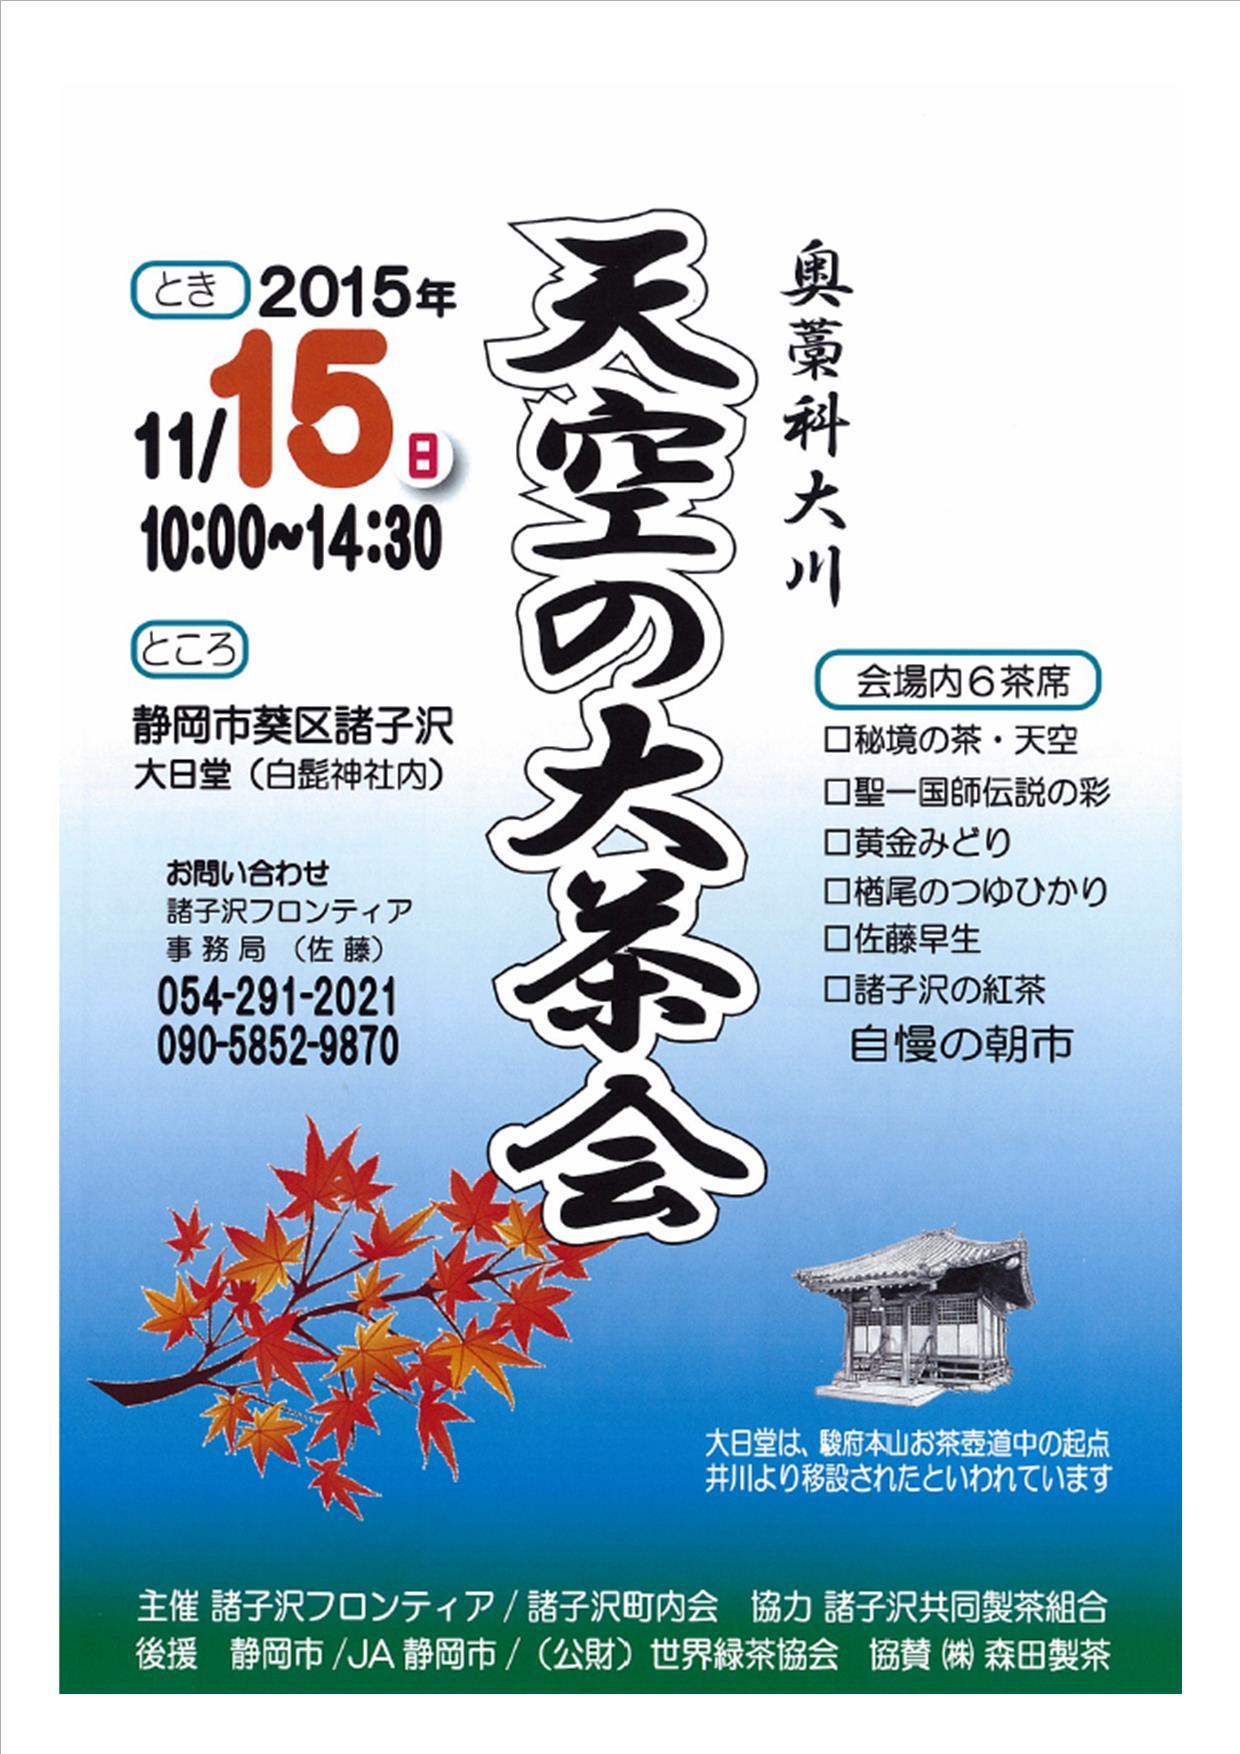 天空の大茶会表.jpg